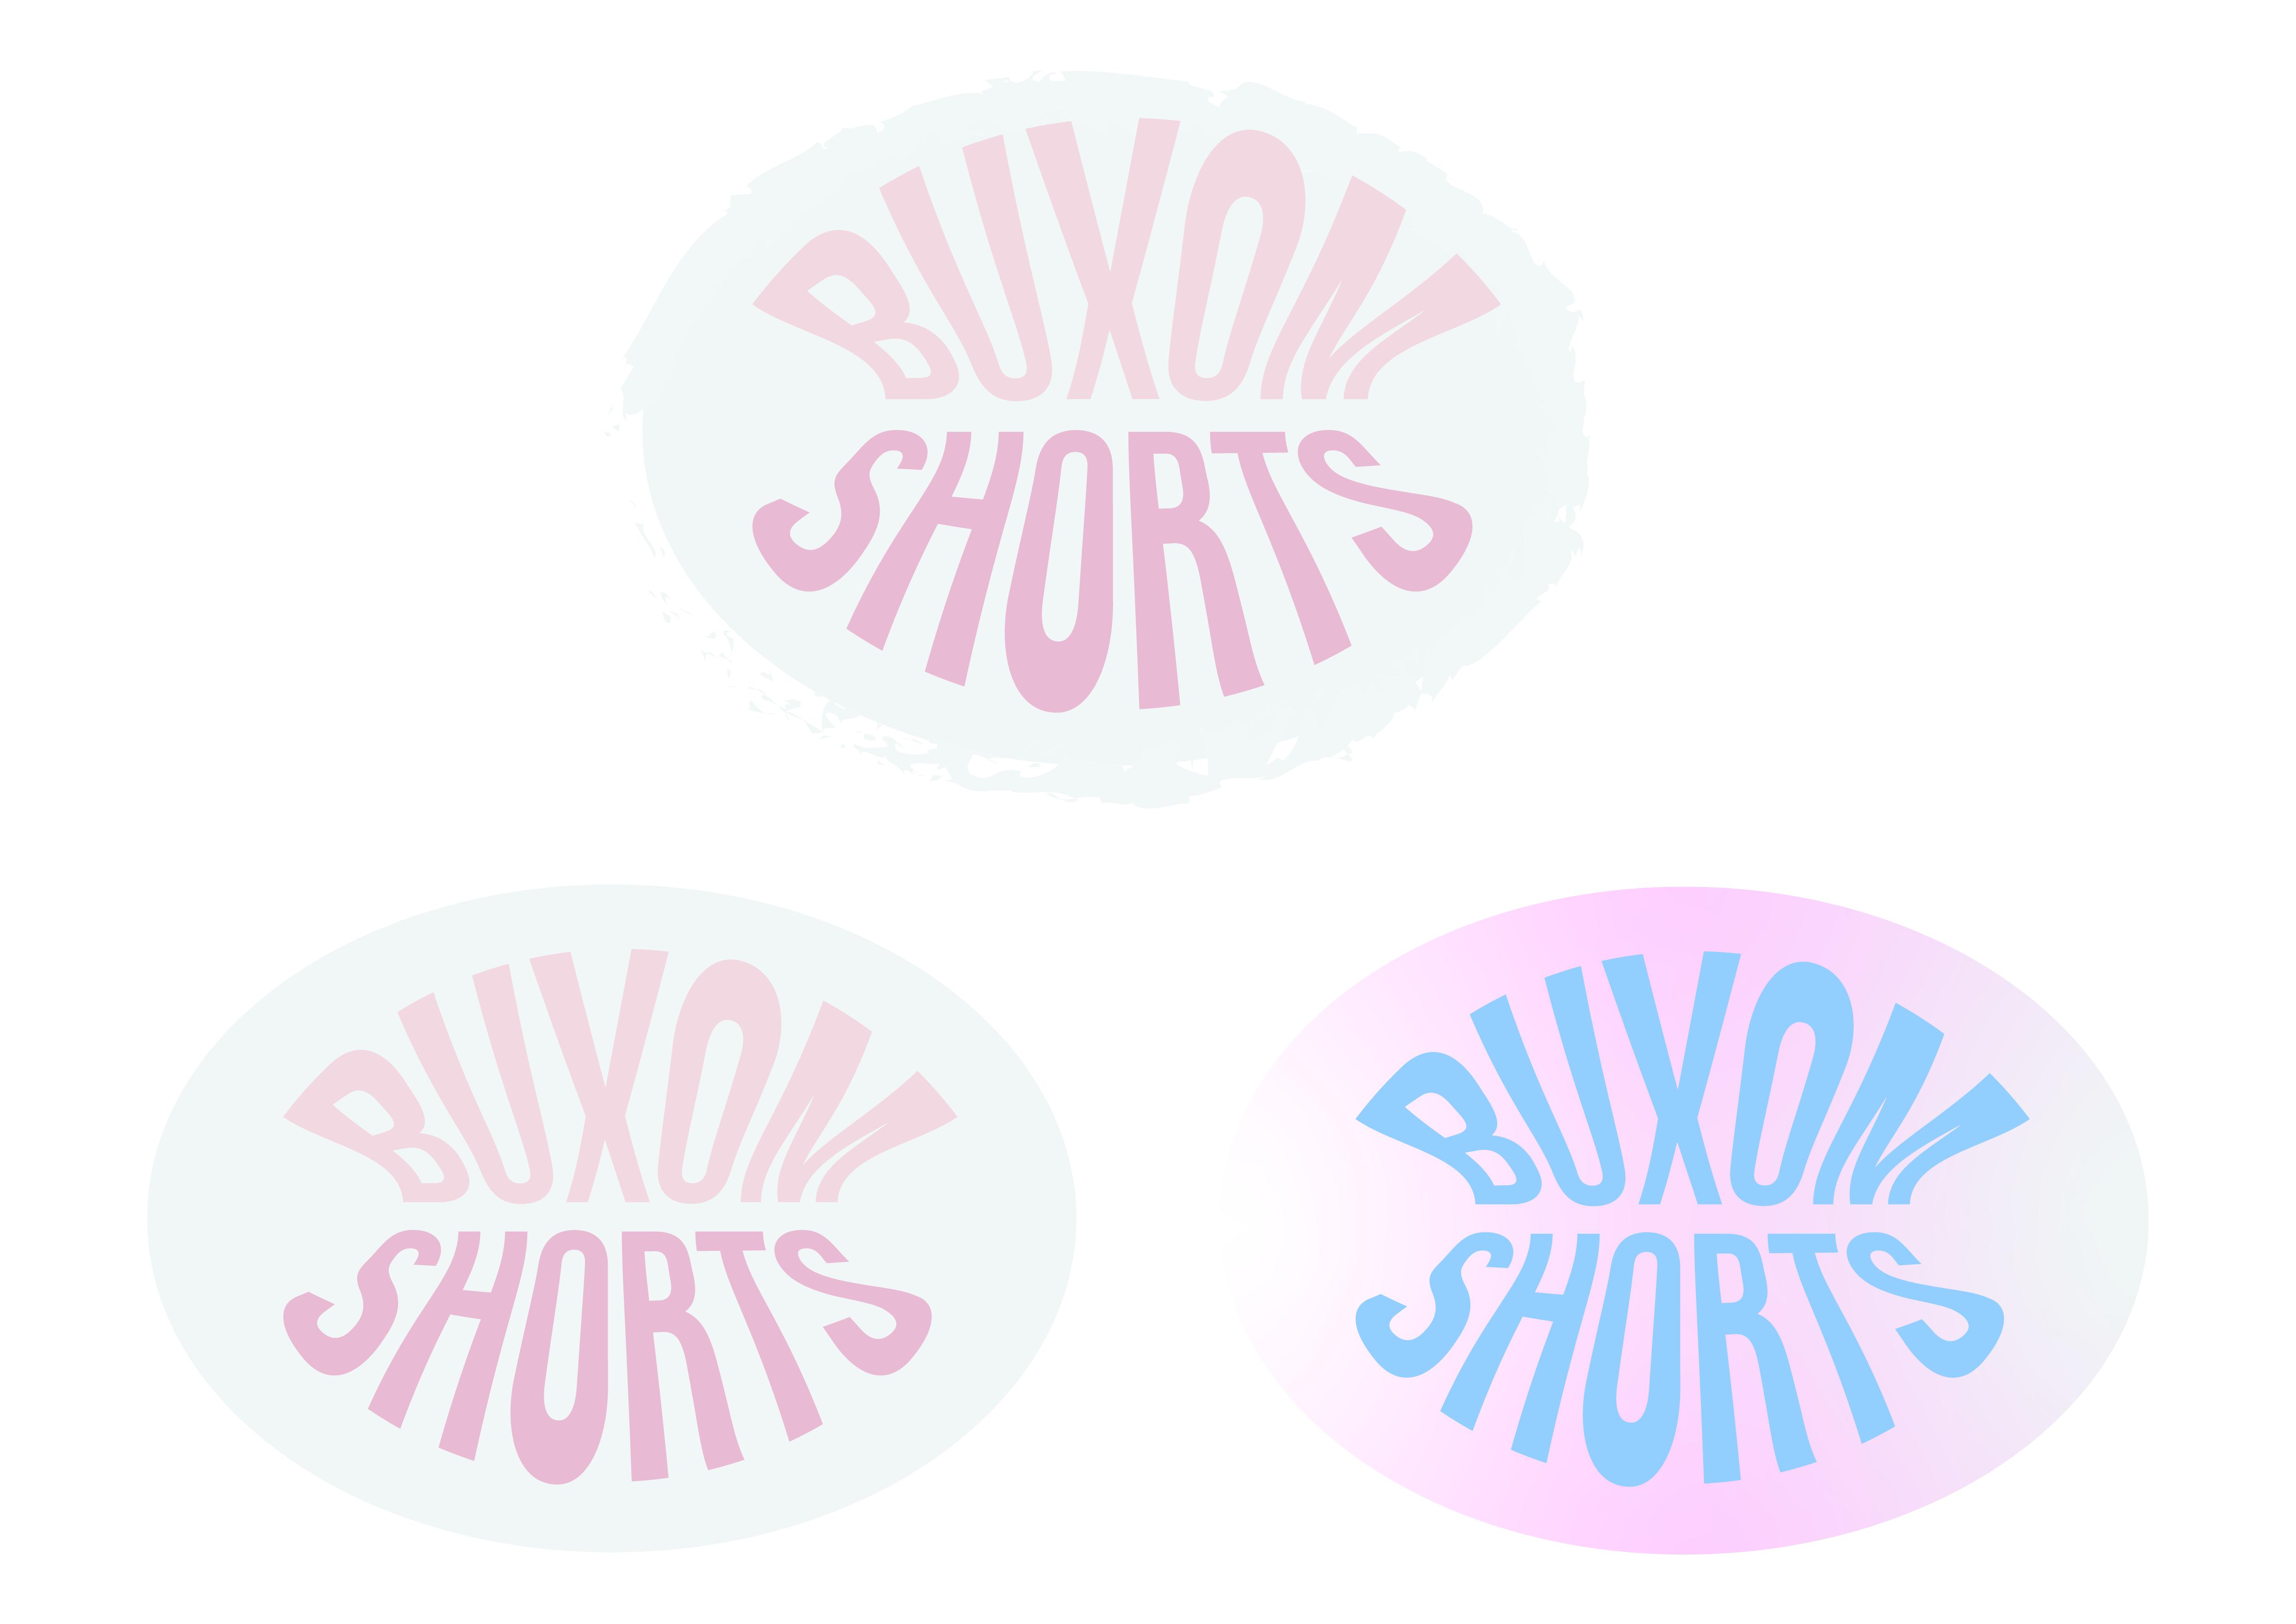 Buxom Shorts mockups2